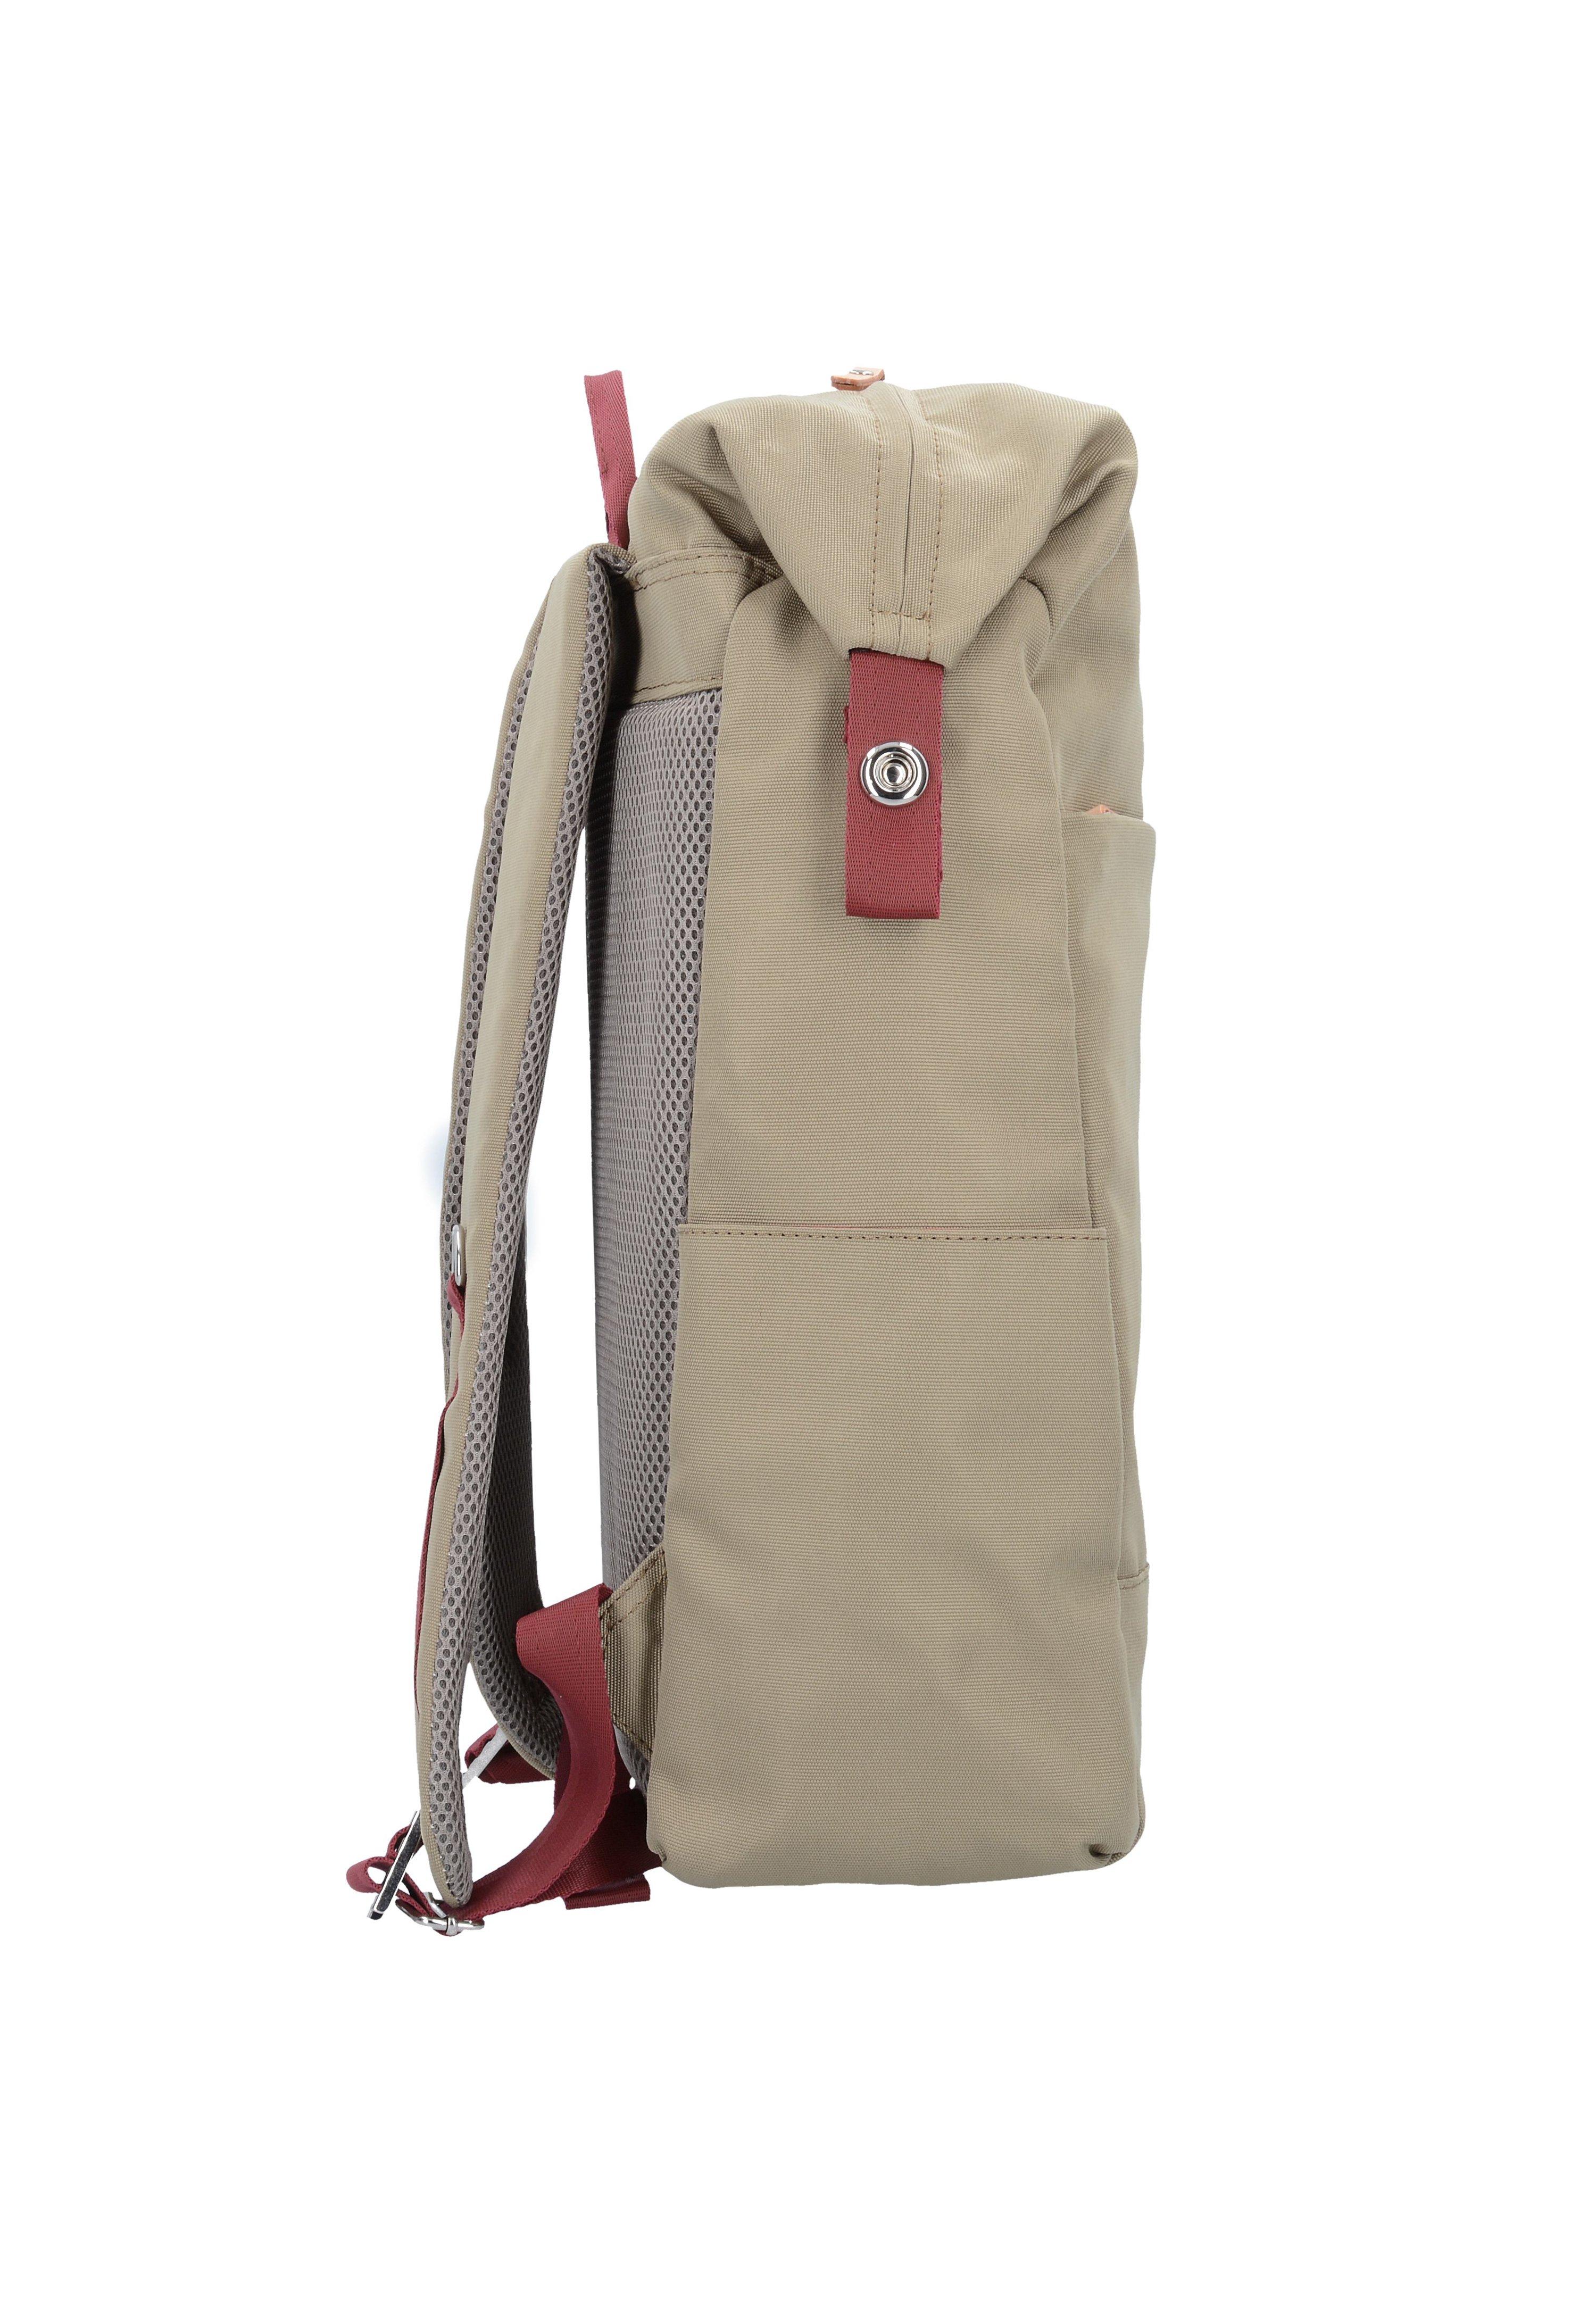 Harvest Label SUSHIO - Tagesrucksack - beige - Herrentaschen cPSX2